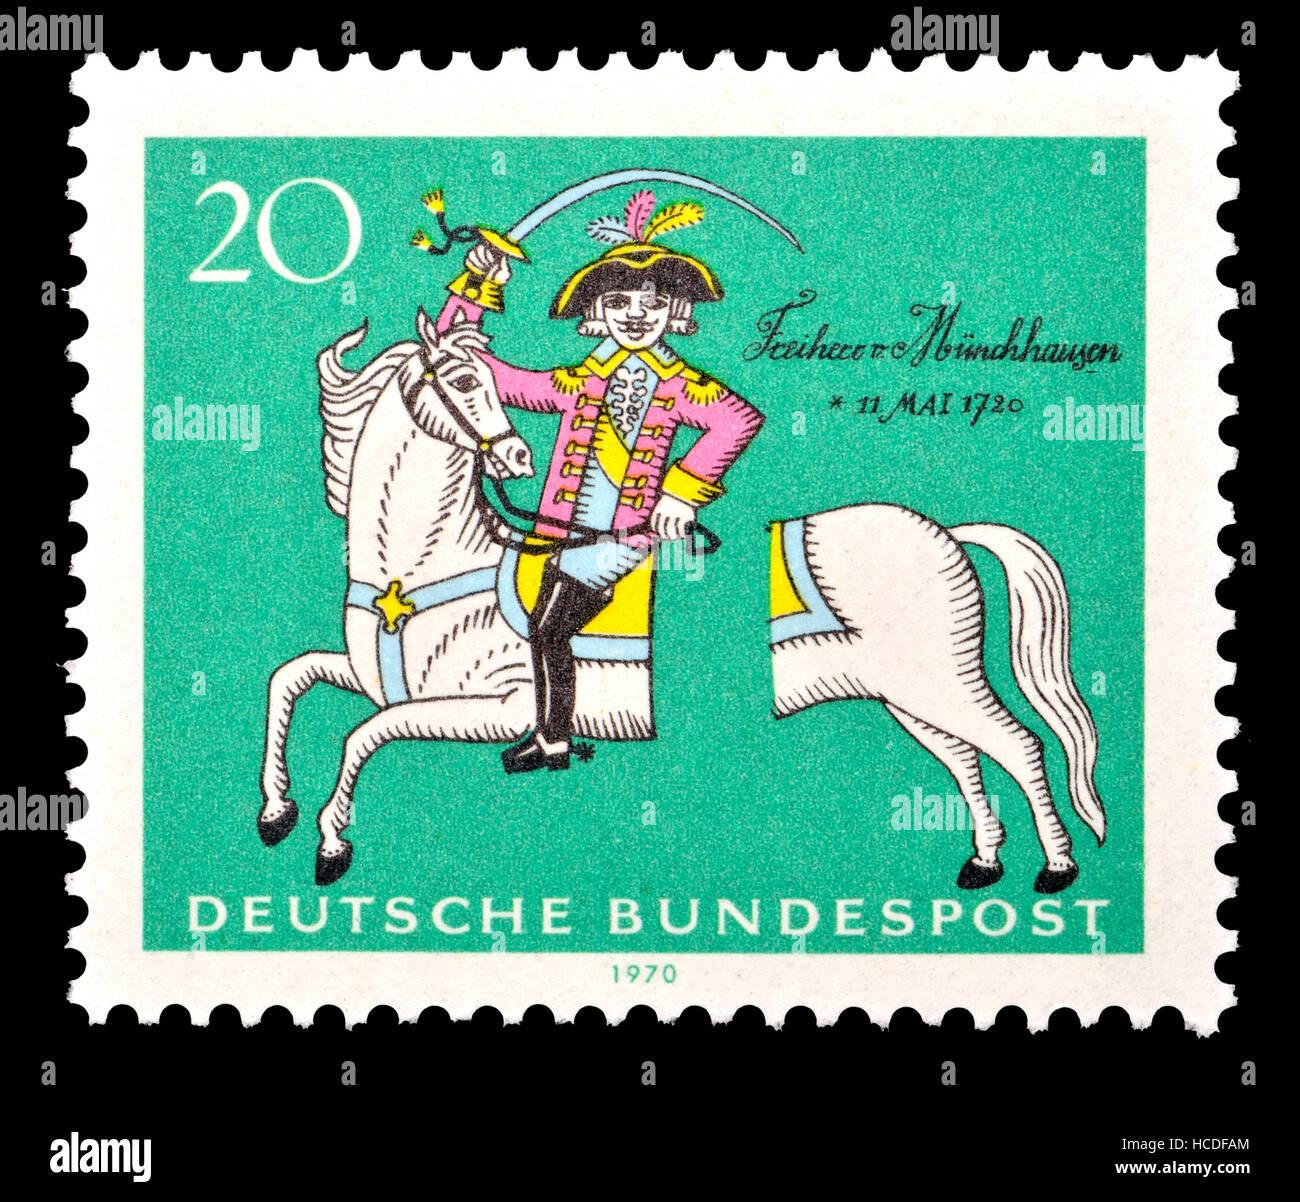 Il tedesco francobollo (1970) : il Barone Munchausen - fictional del nobile tedesco creato da lo scrittore tedesco Rudolf Erich raspe. Sulla base di una vera e propria Barone, Foto Stock